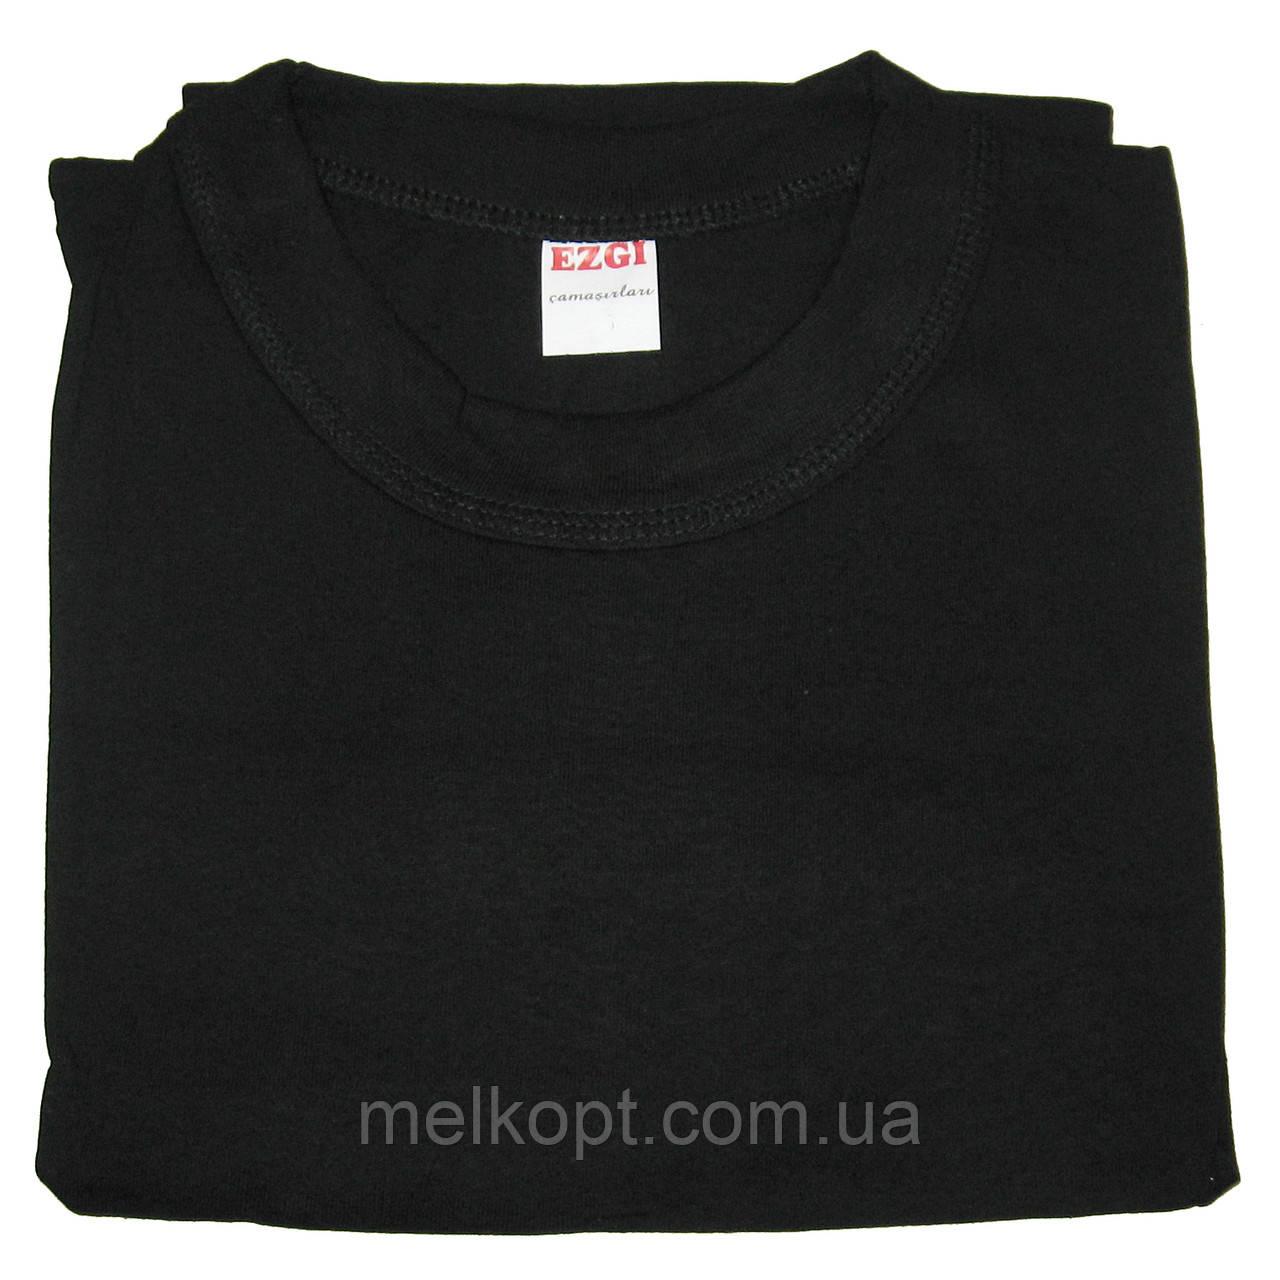 Мужские футболки Ezgi - 80,00 грн./шт. (80-й размер, черные)